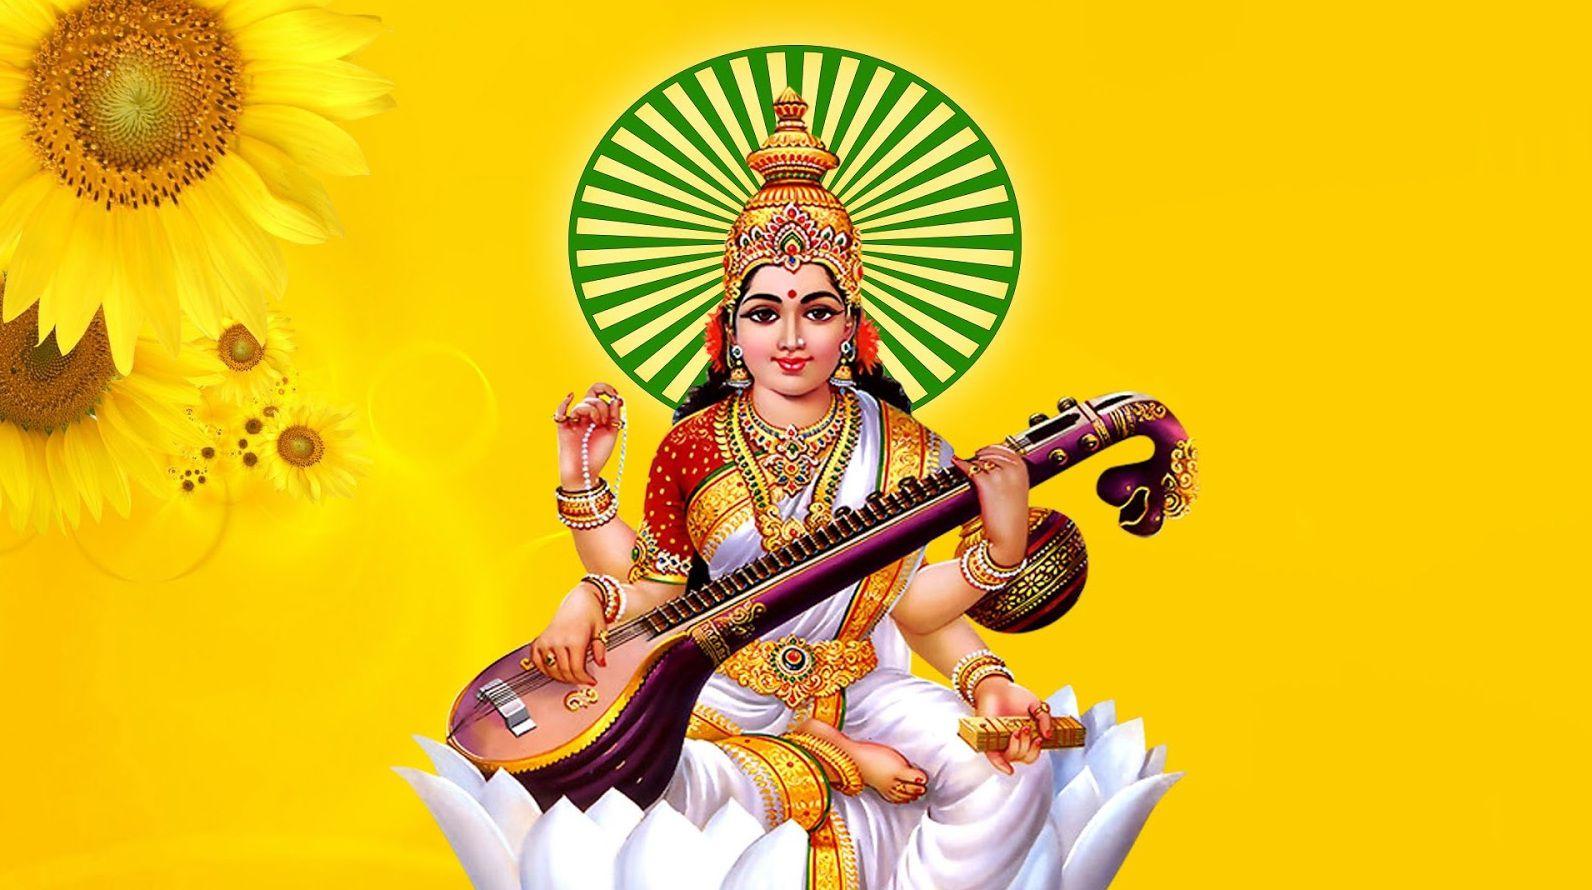 Saraswati Puja Image